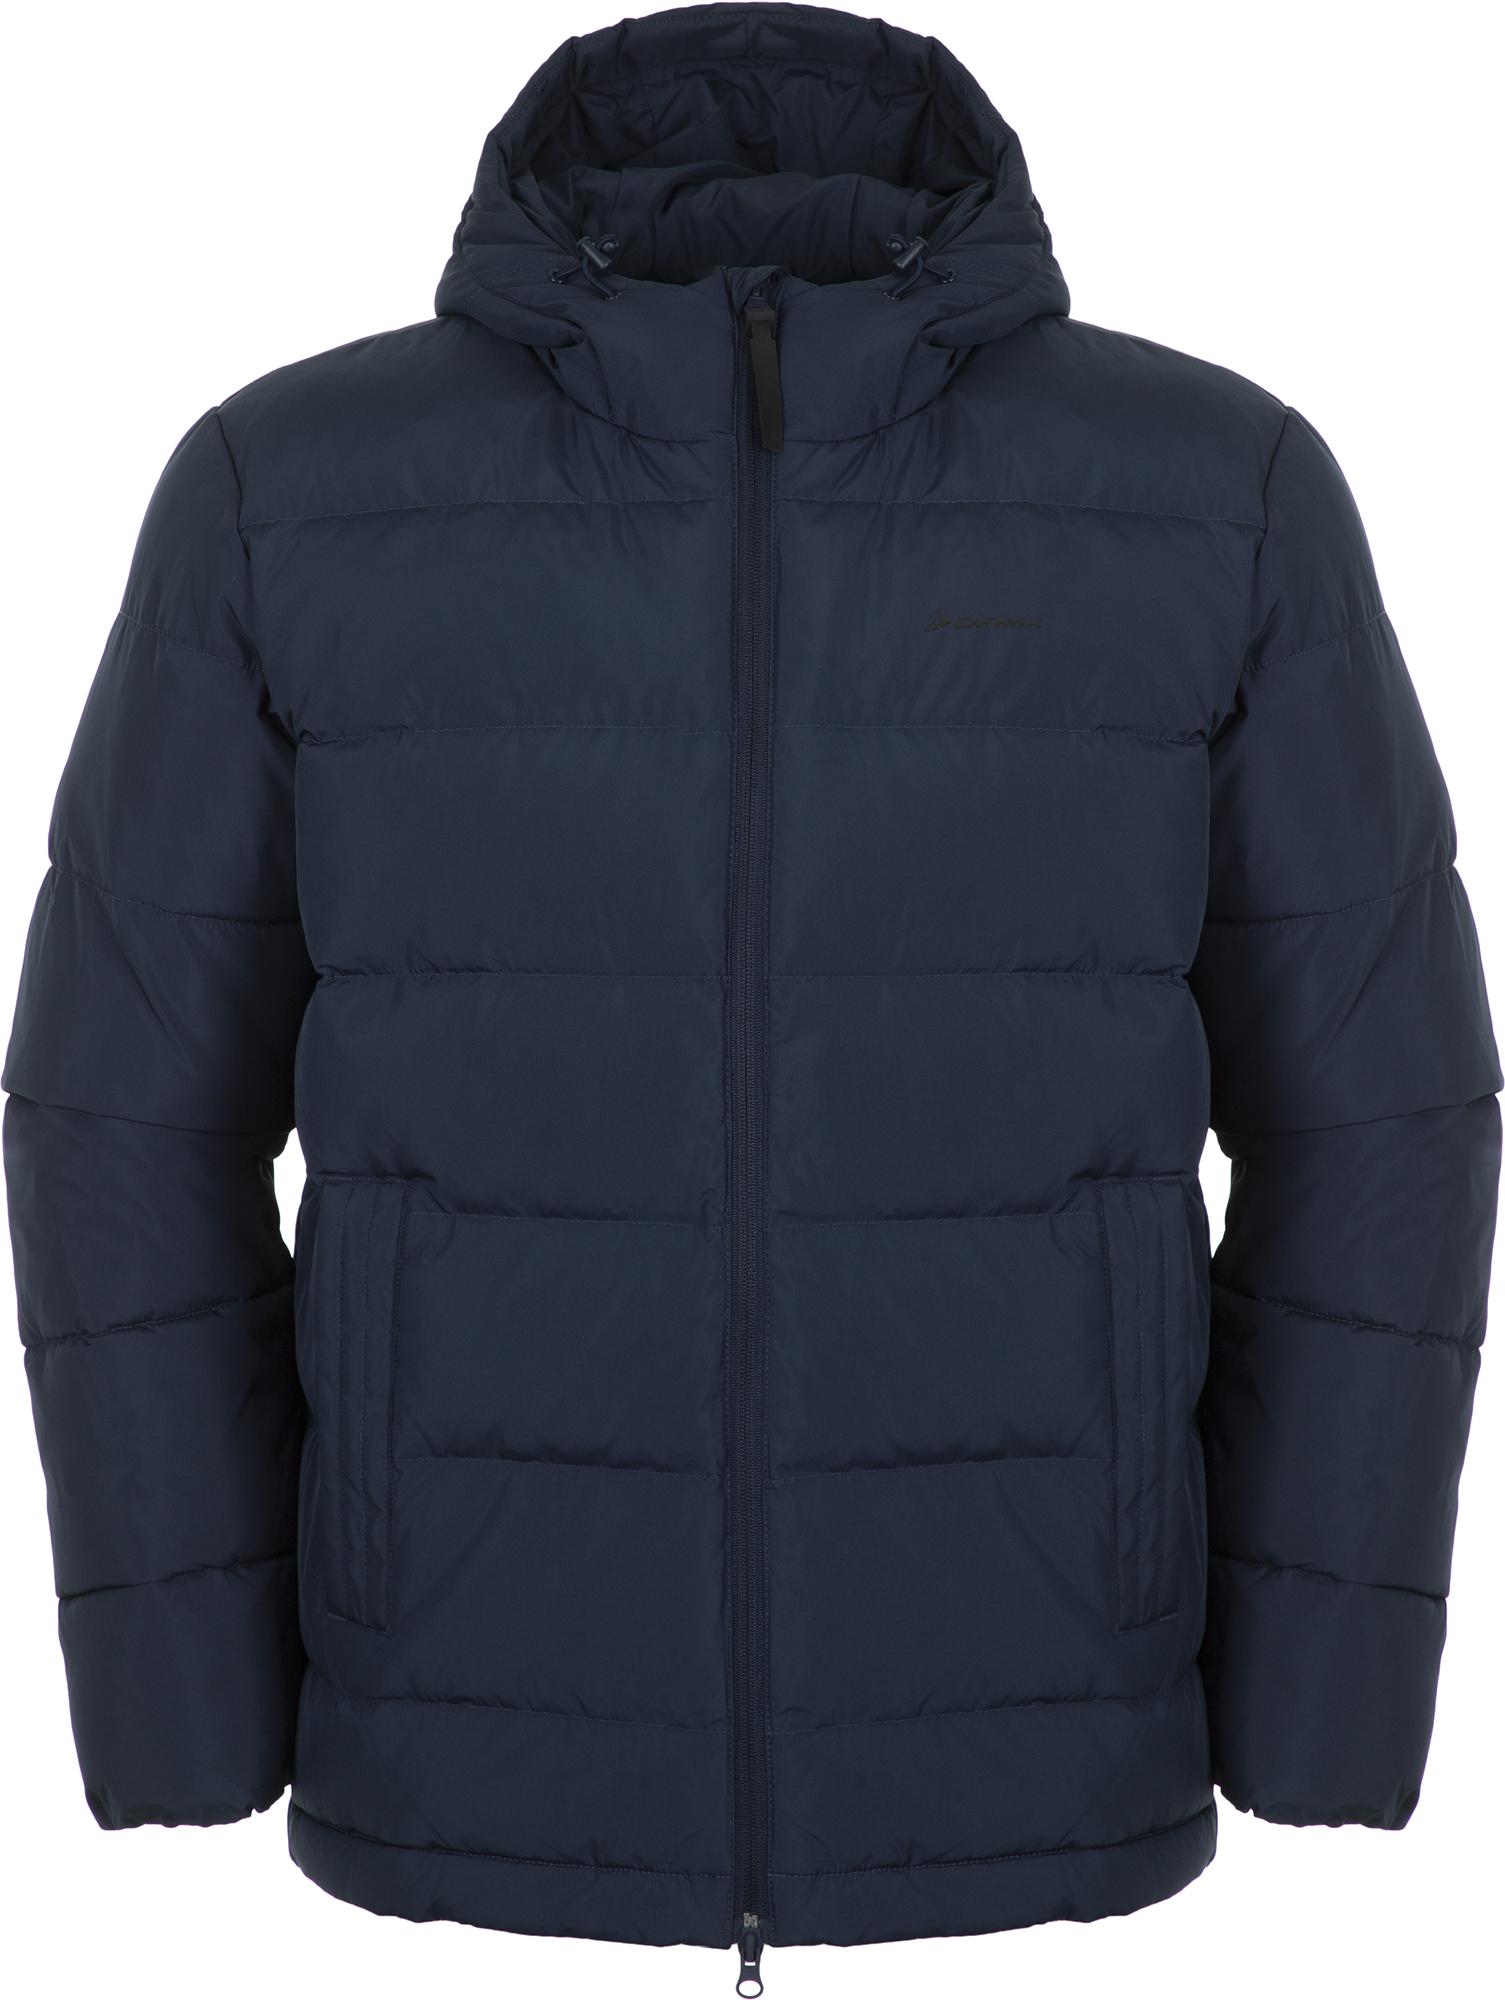 Demix Куртка пуховая мужская Demix, размер 52 цены онлайн